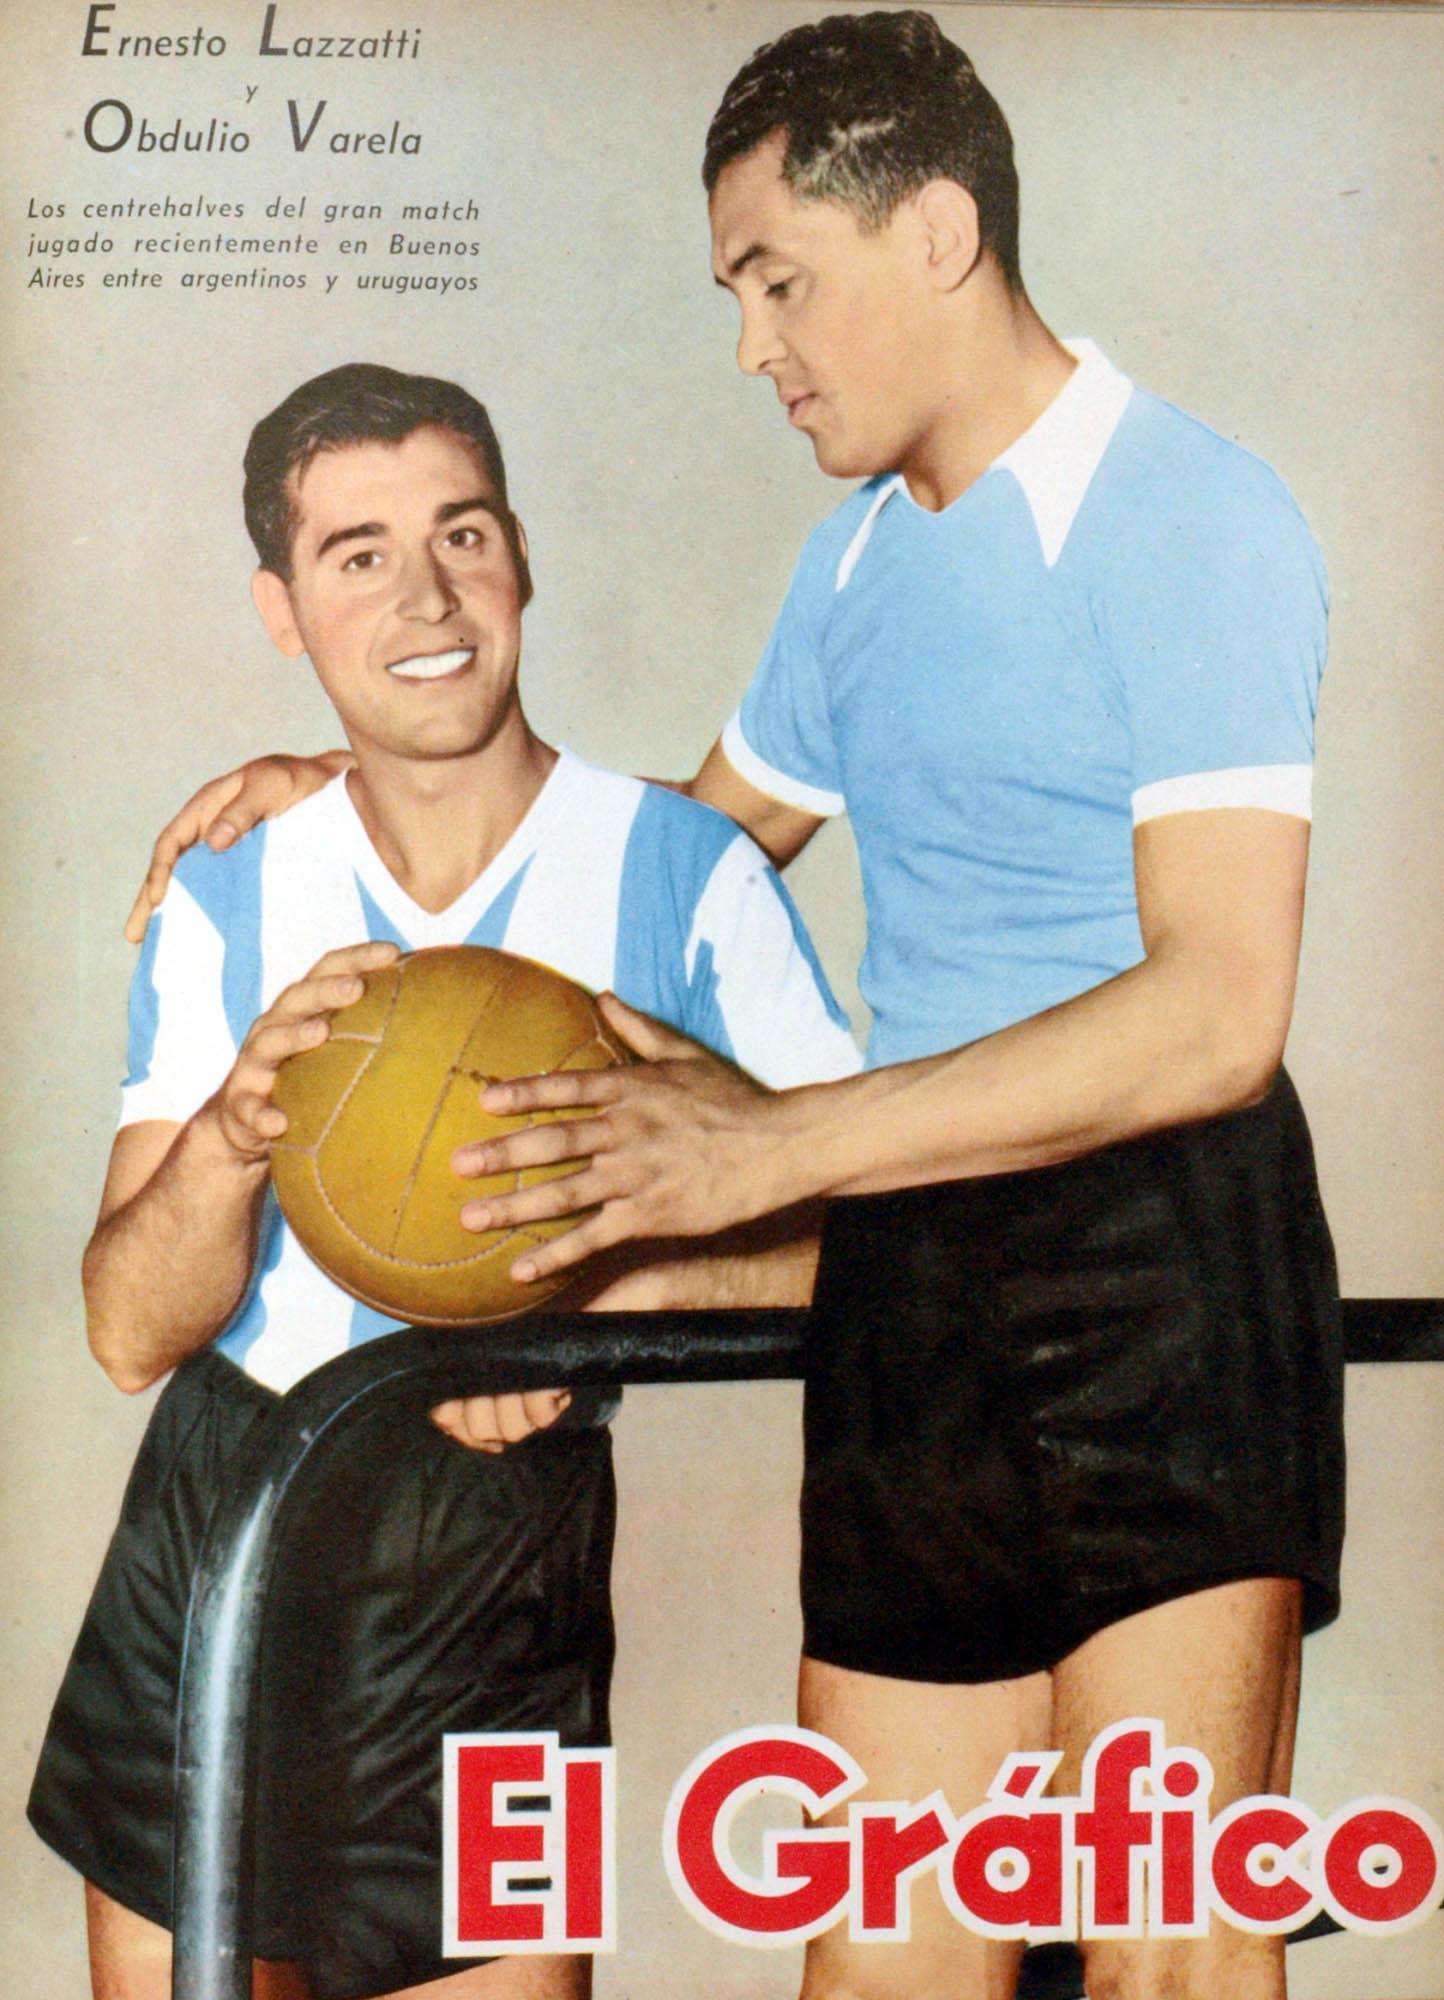 File Ernesto Lazzatti y Obdulio Varela El Gráfico 1228